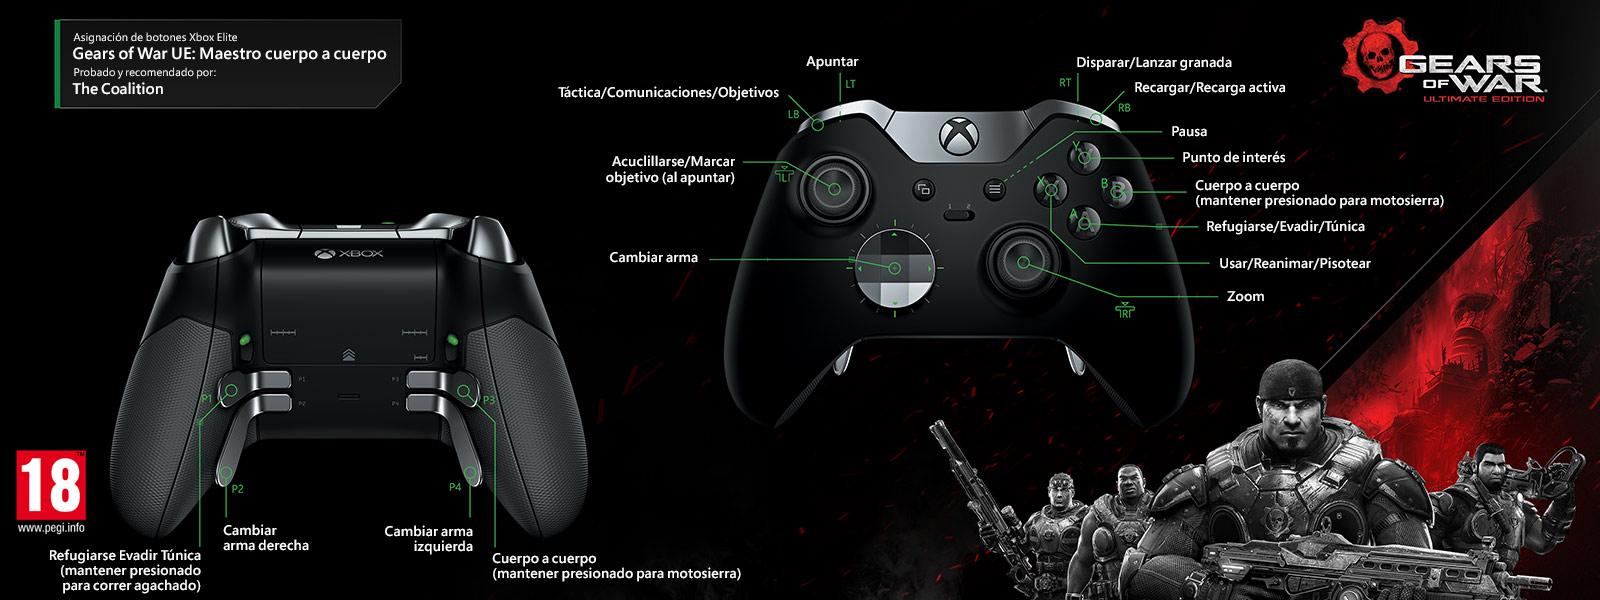 Gears of Wars Ultimate Edition: modo multijugador de maestro de lucha cuerpo a cuerpo (asignación de funciones del mando Elite)